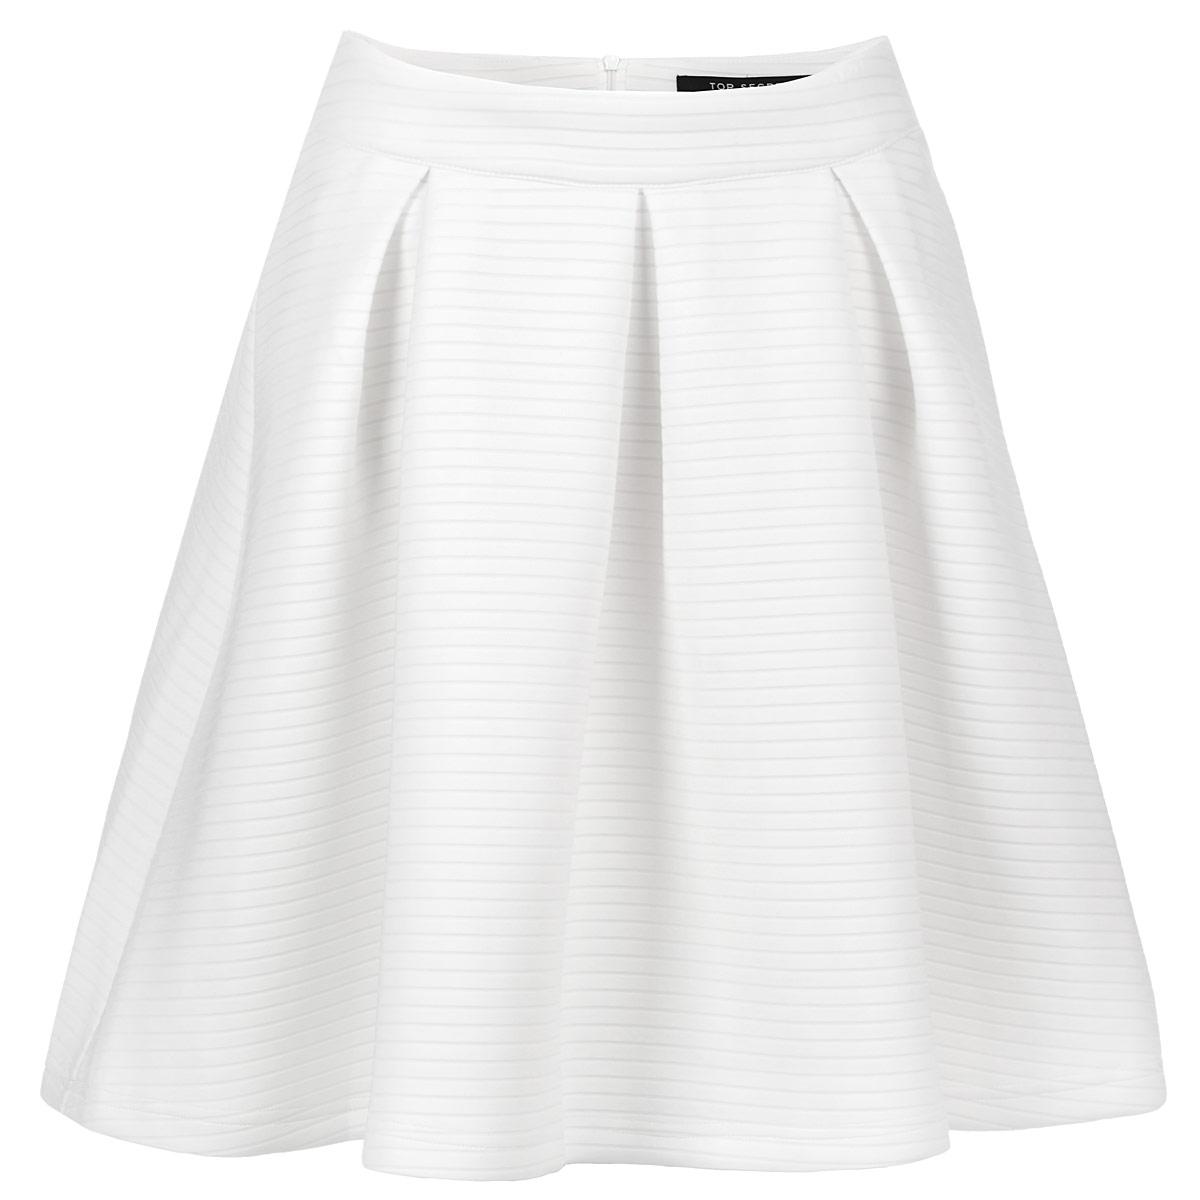 Юбка. SSD0776BISSD0776BIСтильная юбка Top Secret изготовлена из полиэстера с добавлением эластана. Подкладка выполнена из полиэстера. Юбка расклешенного кроя, на широком поясе. Сзади застегивается на потайную молнию. Эта модная и в тоже время комфортная юбка - отличный вариант на каждый день.